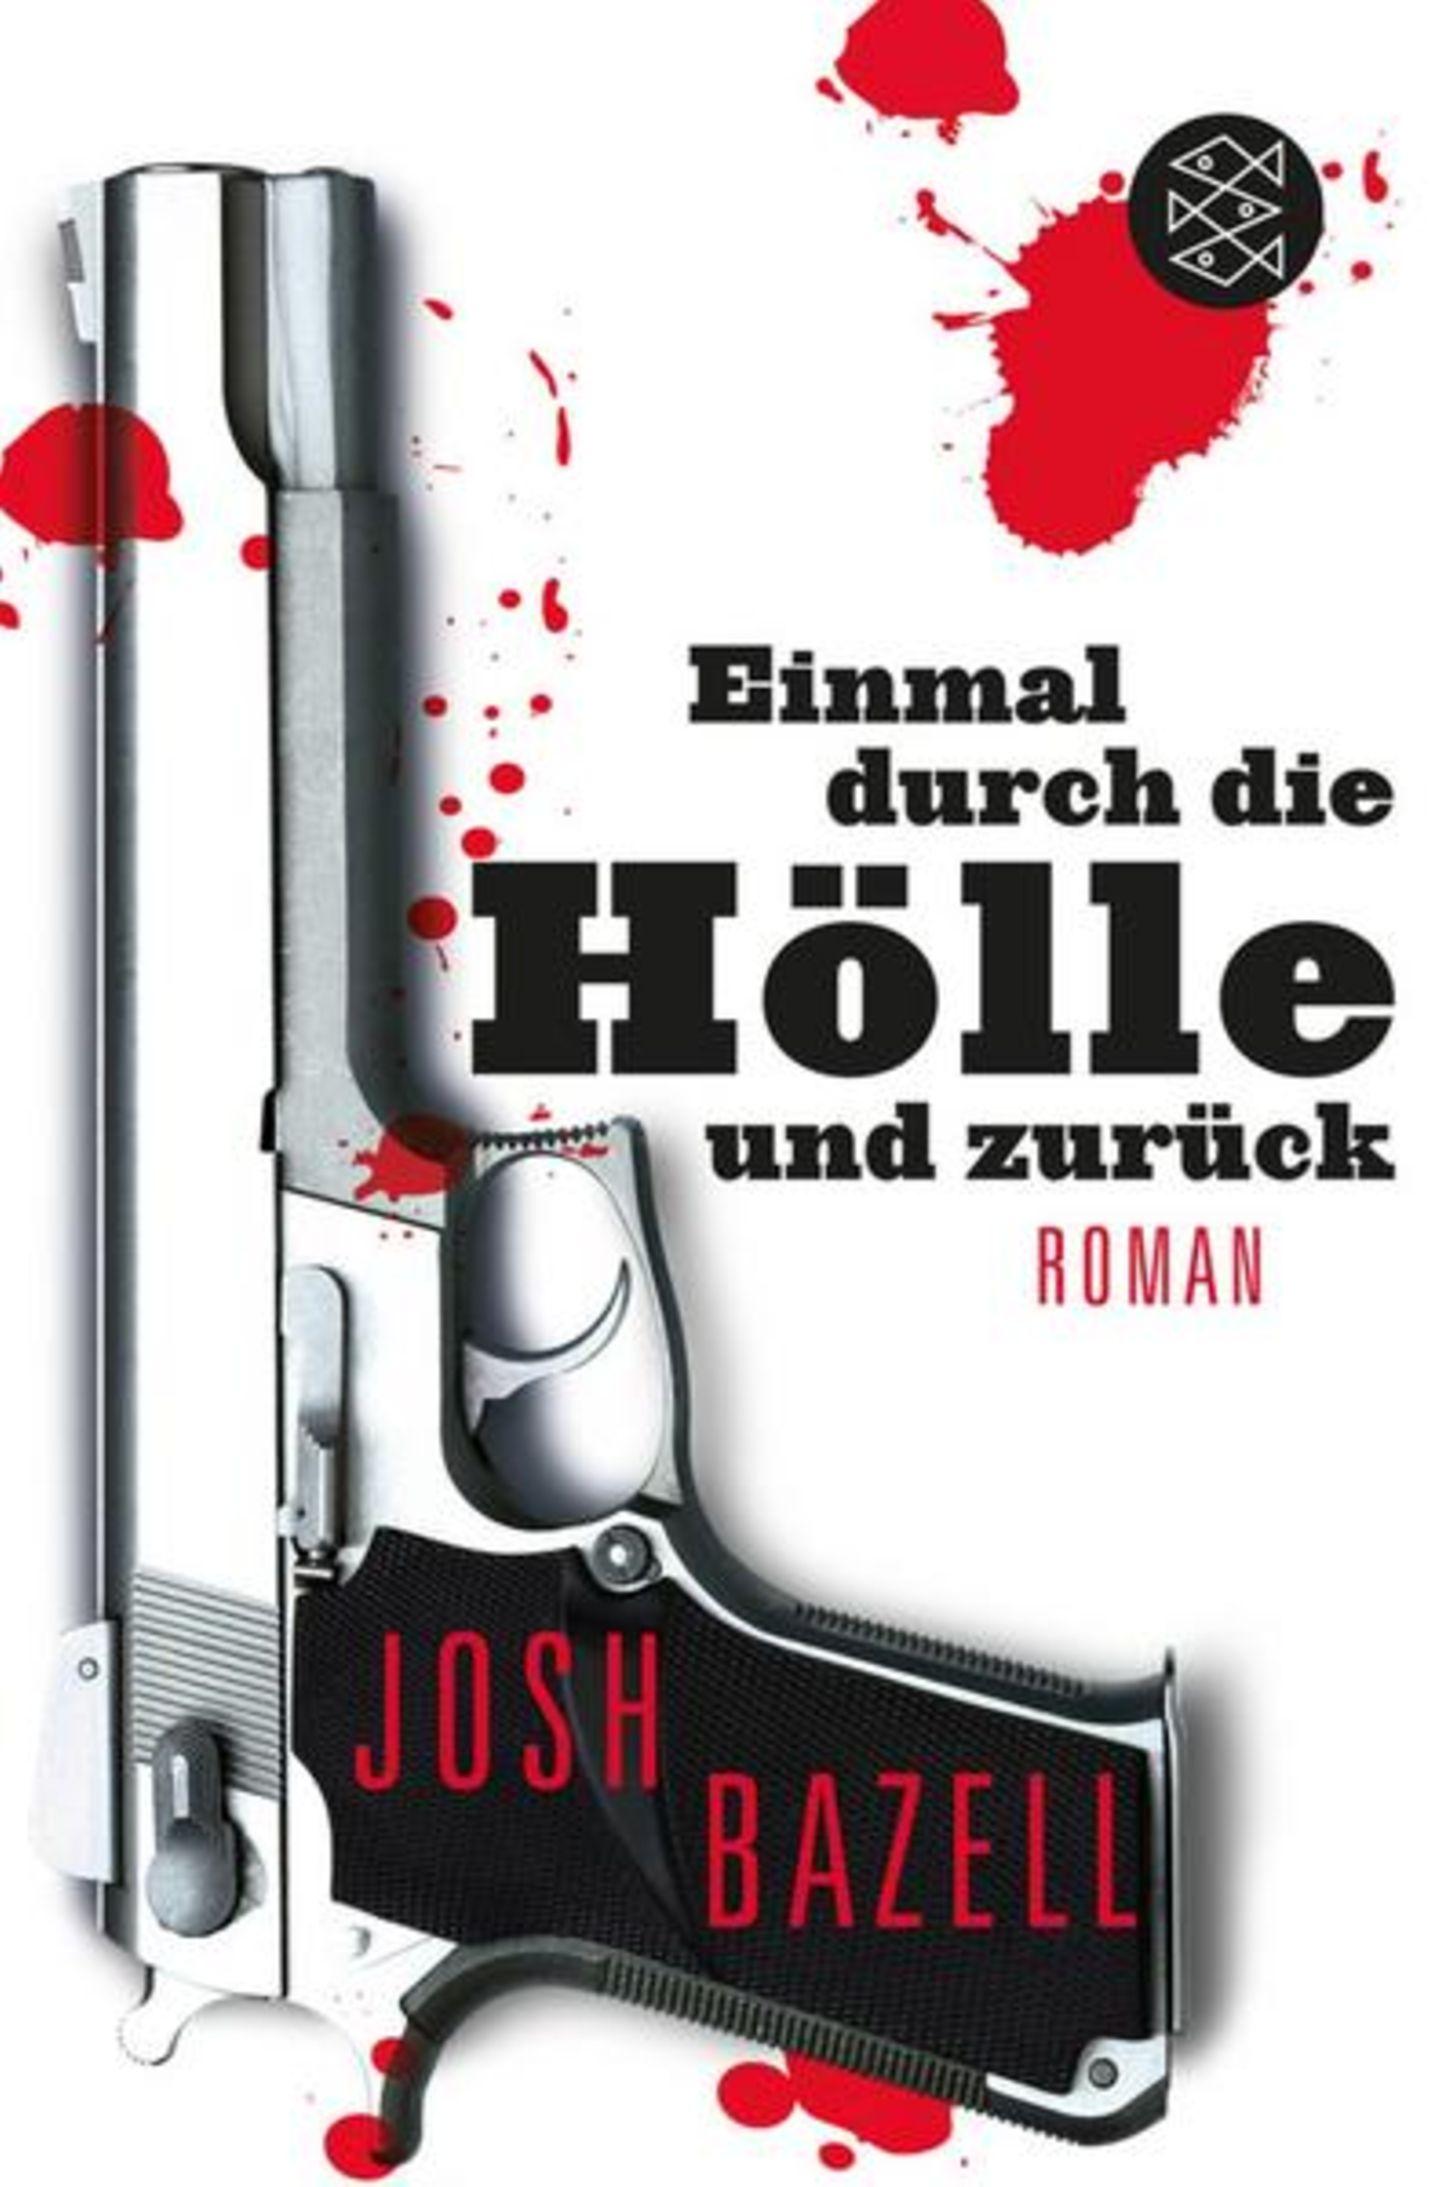 """Urlaubslektüre: """"Einmal durch die Hölle und zurück"""" von Josh Bazell"""